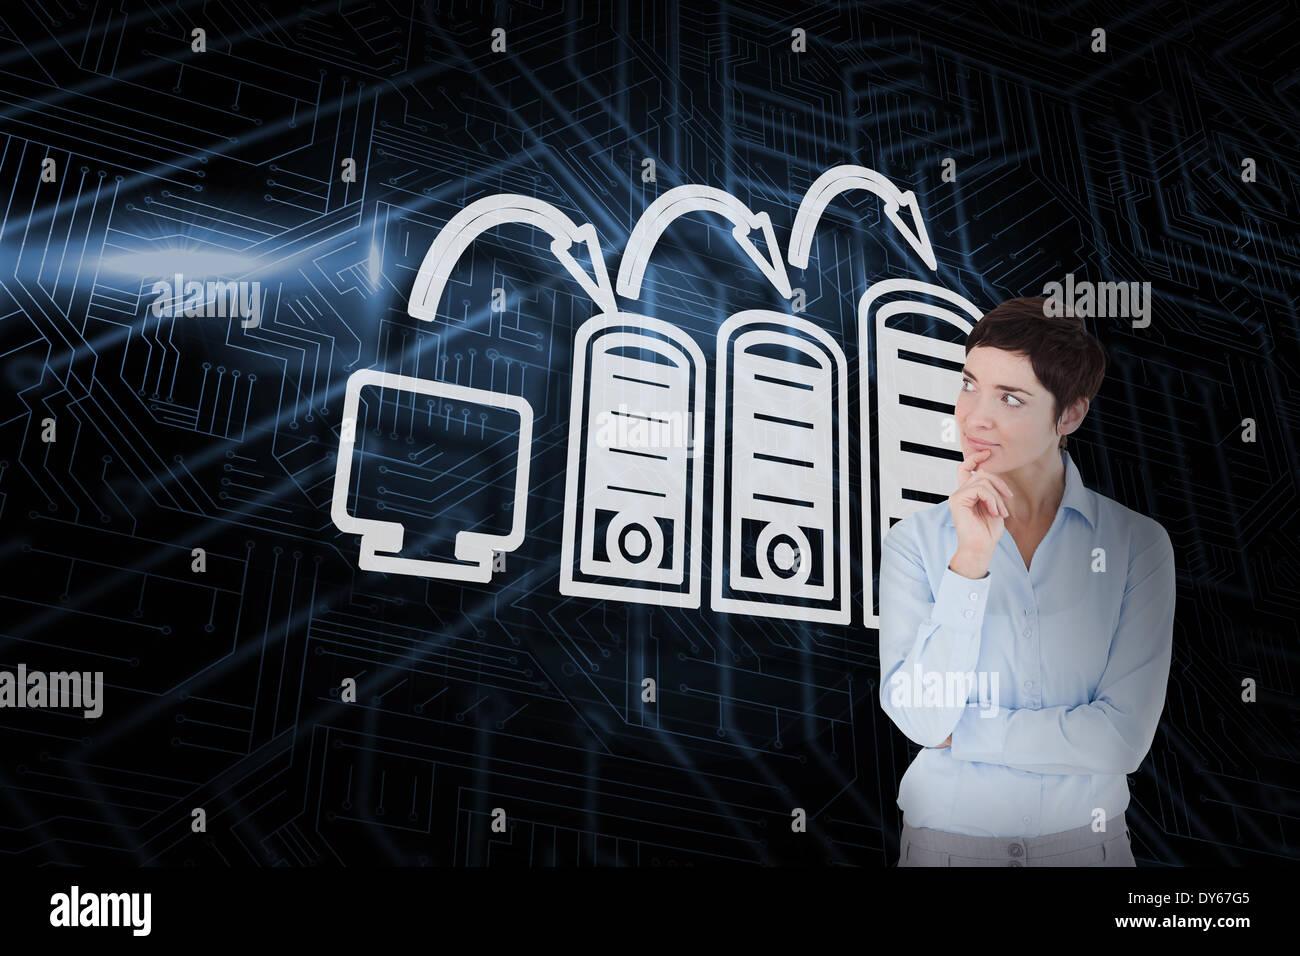 Zusammengesetztes Bild der Computerverbindung und denken Geschäftsfrau Stockbild